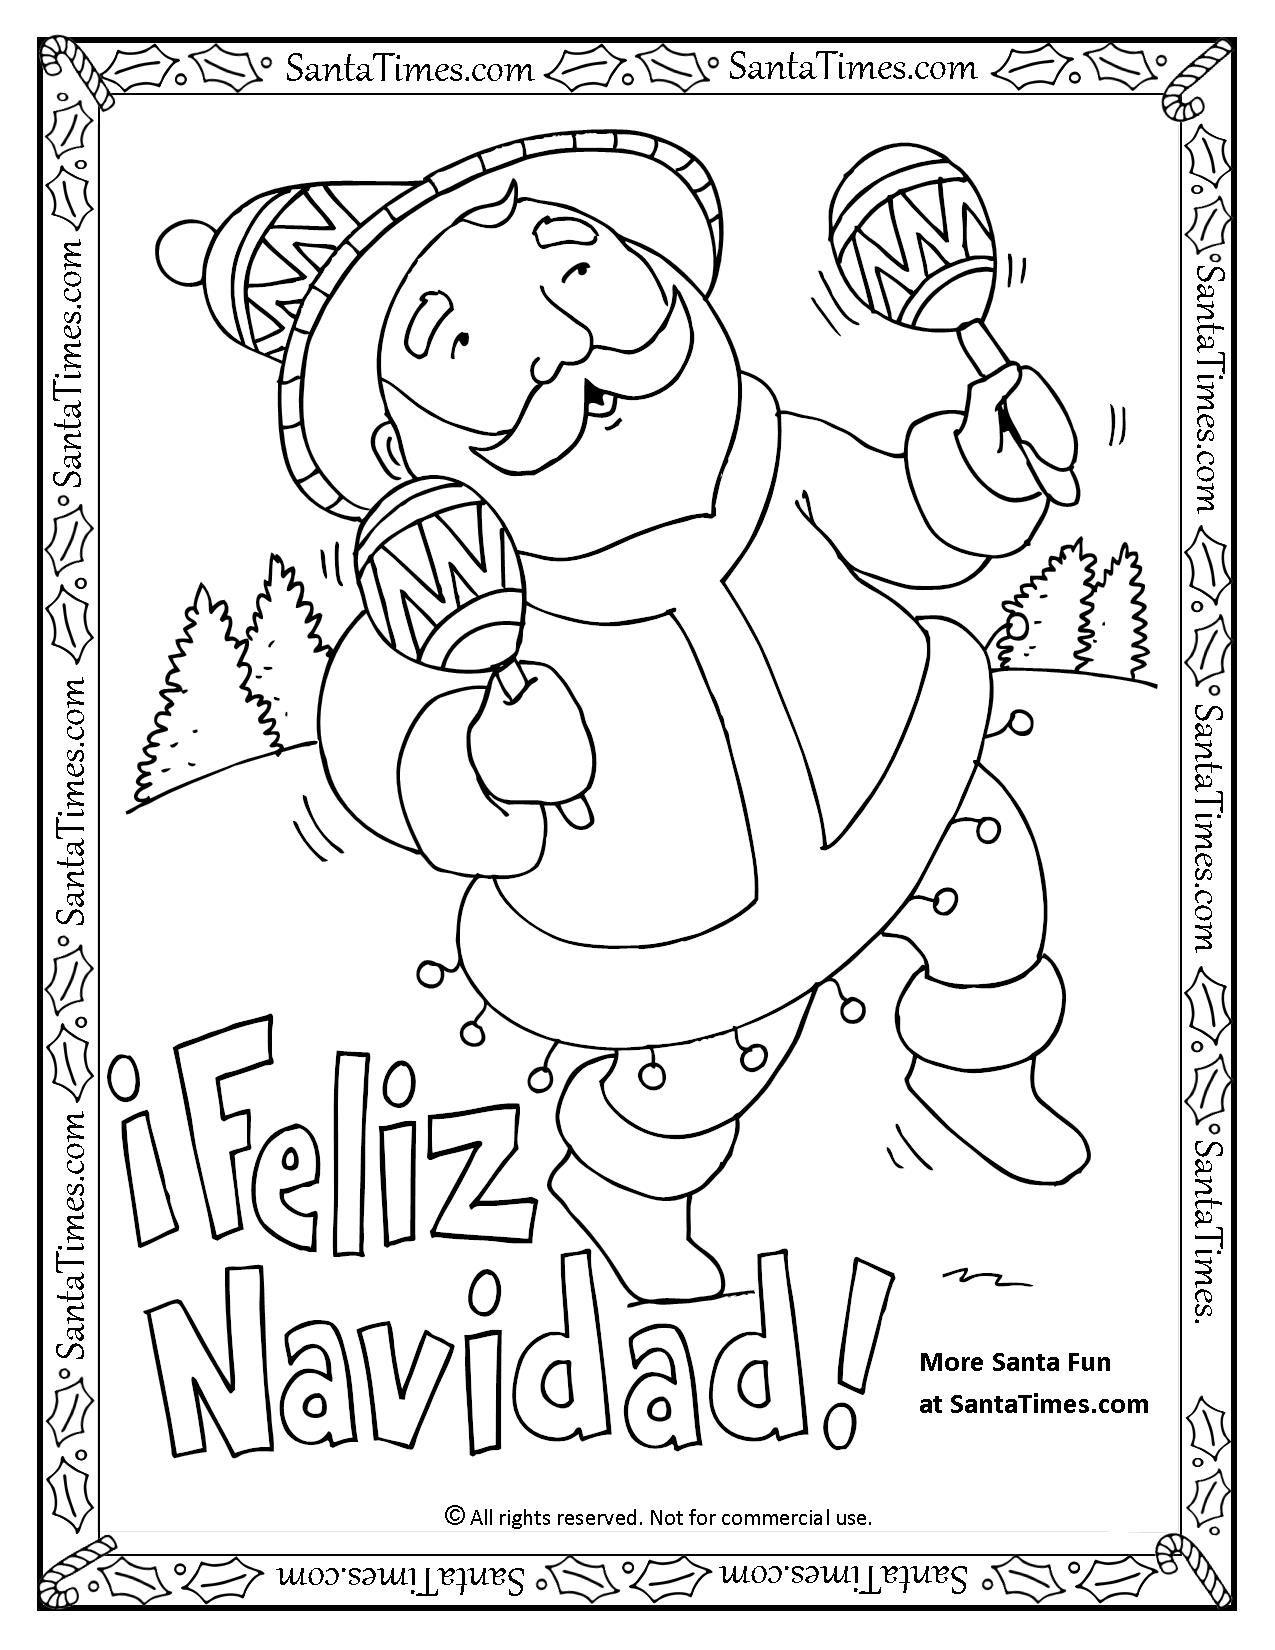 Feliz Navidad Printable Coloring Page Papa Noel Quiere Desearles Una More Christmas